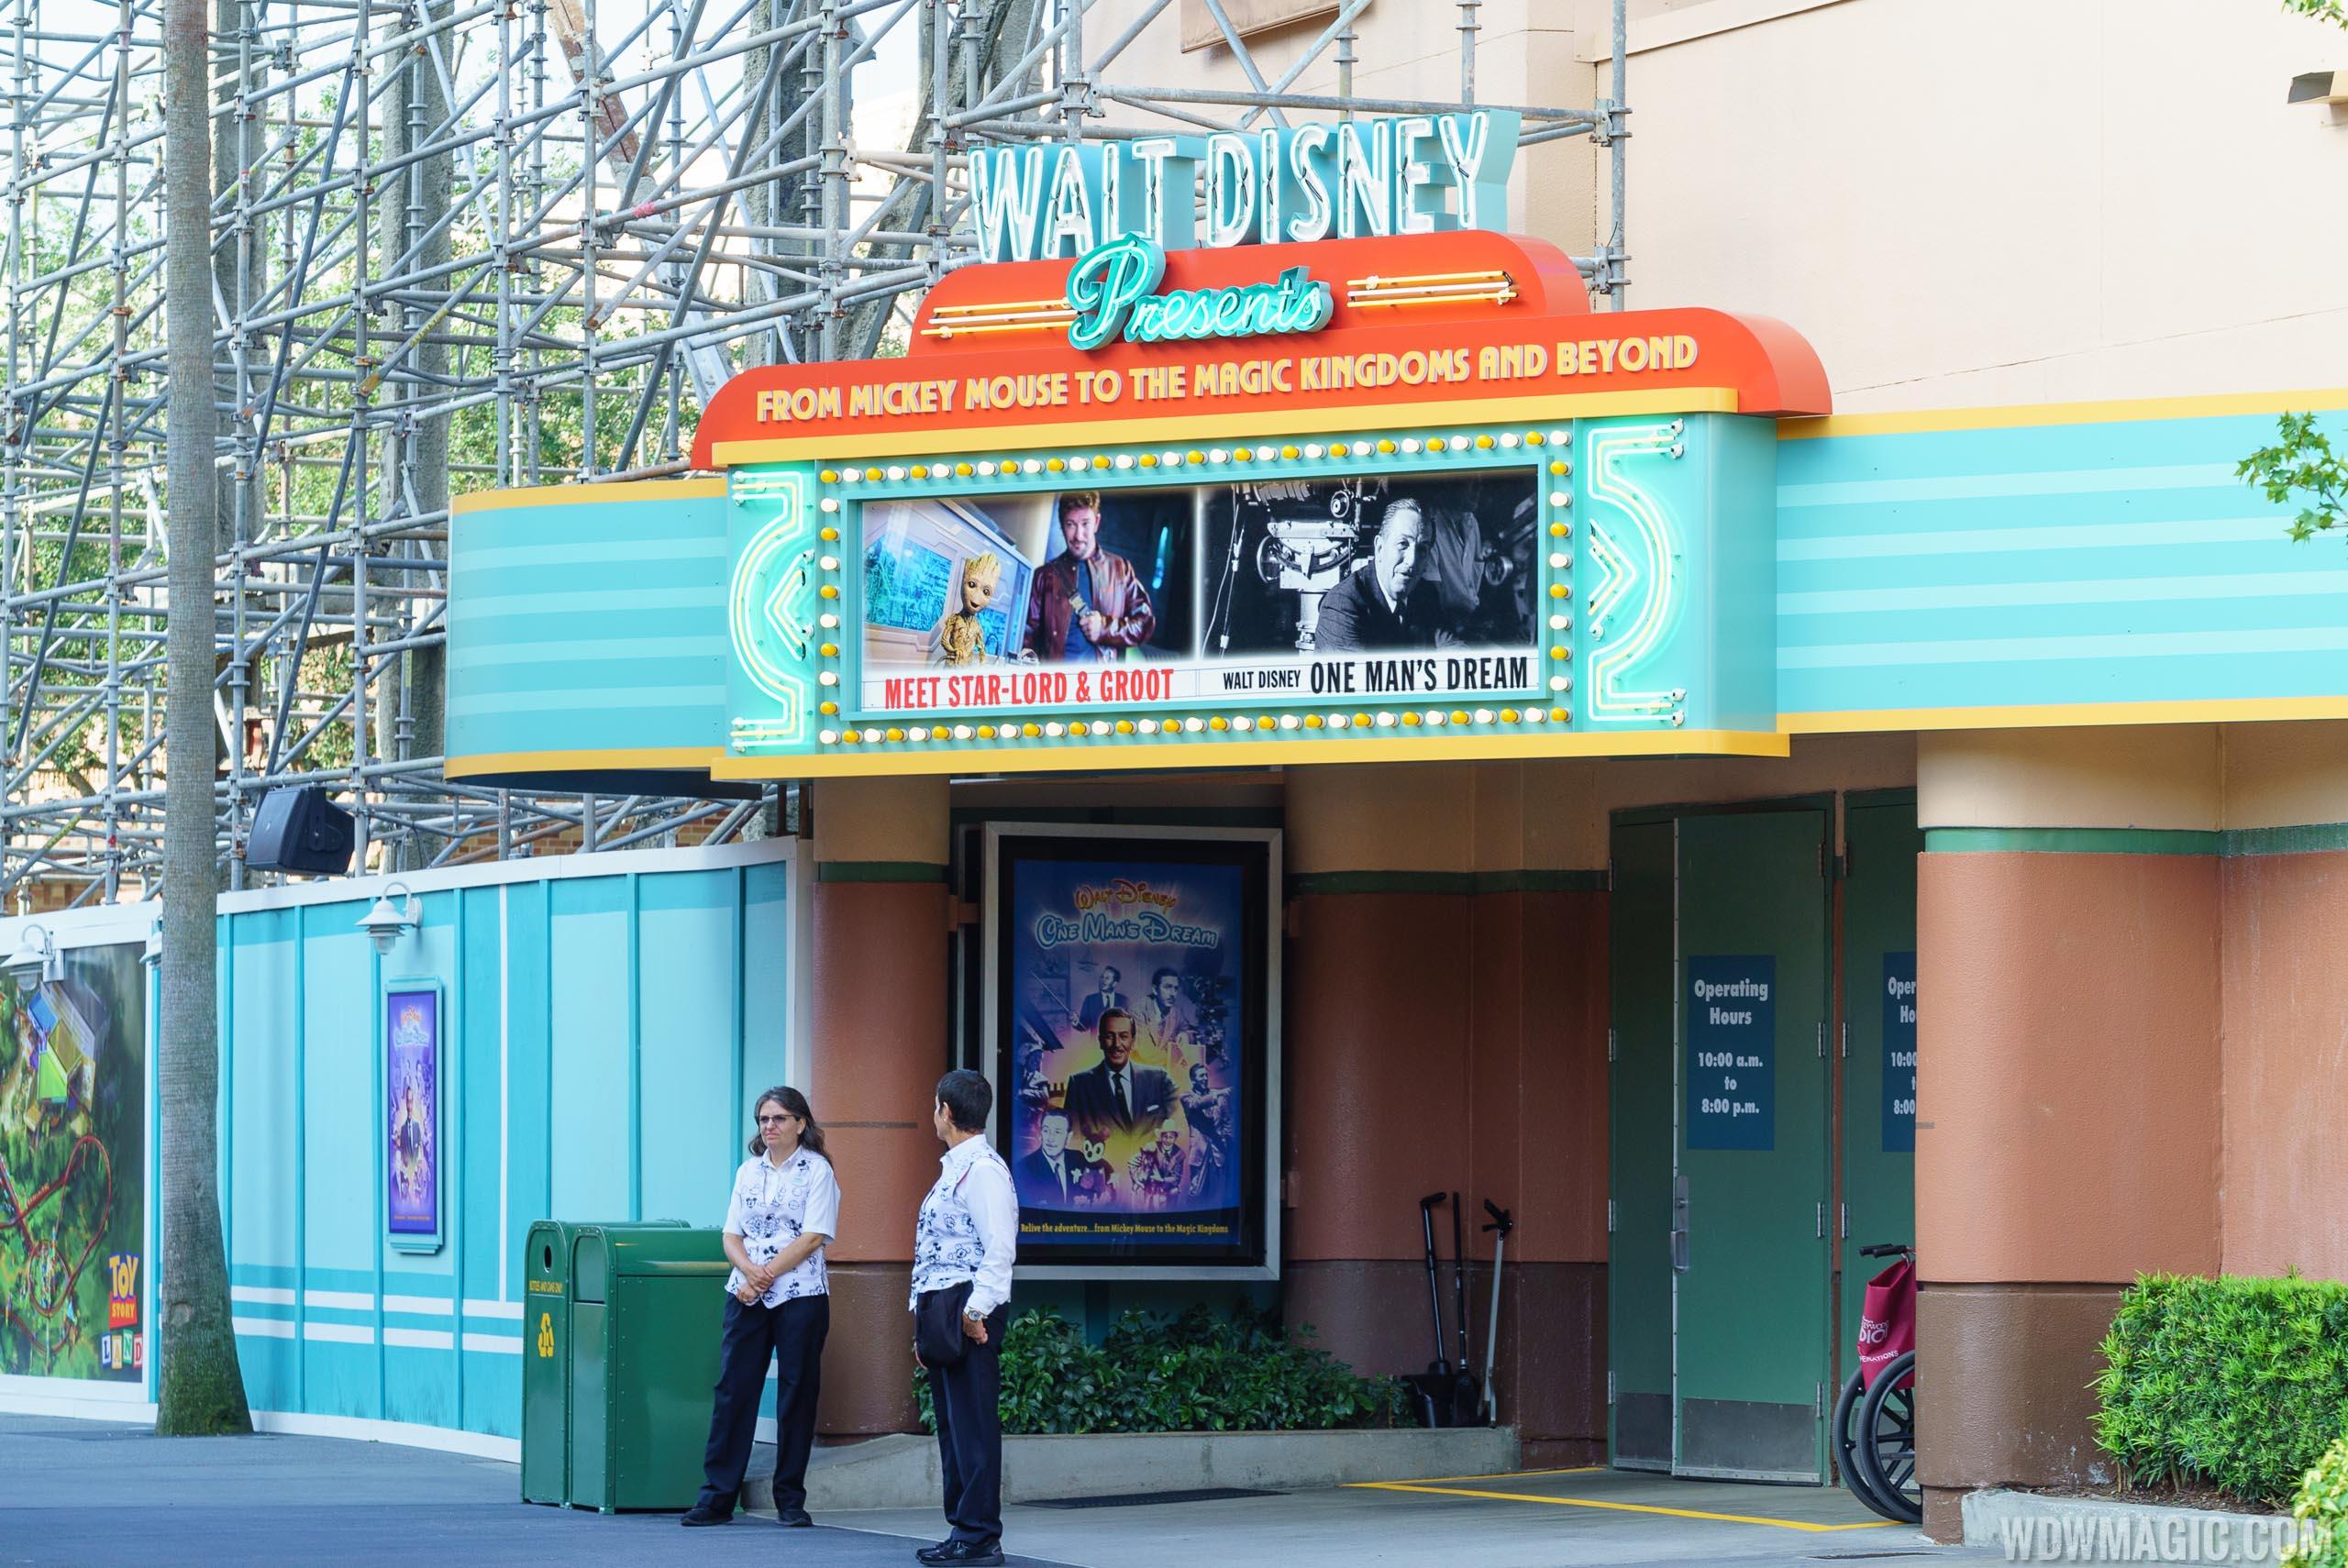 Walt Disney Presents News